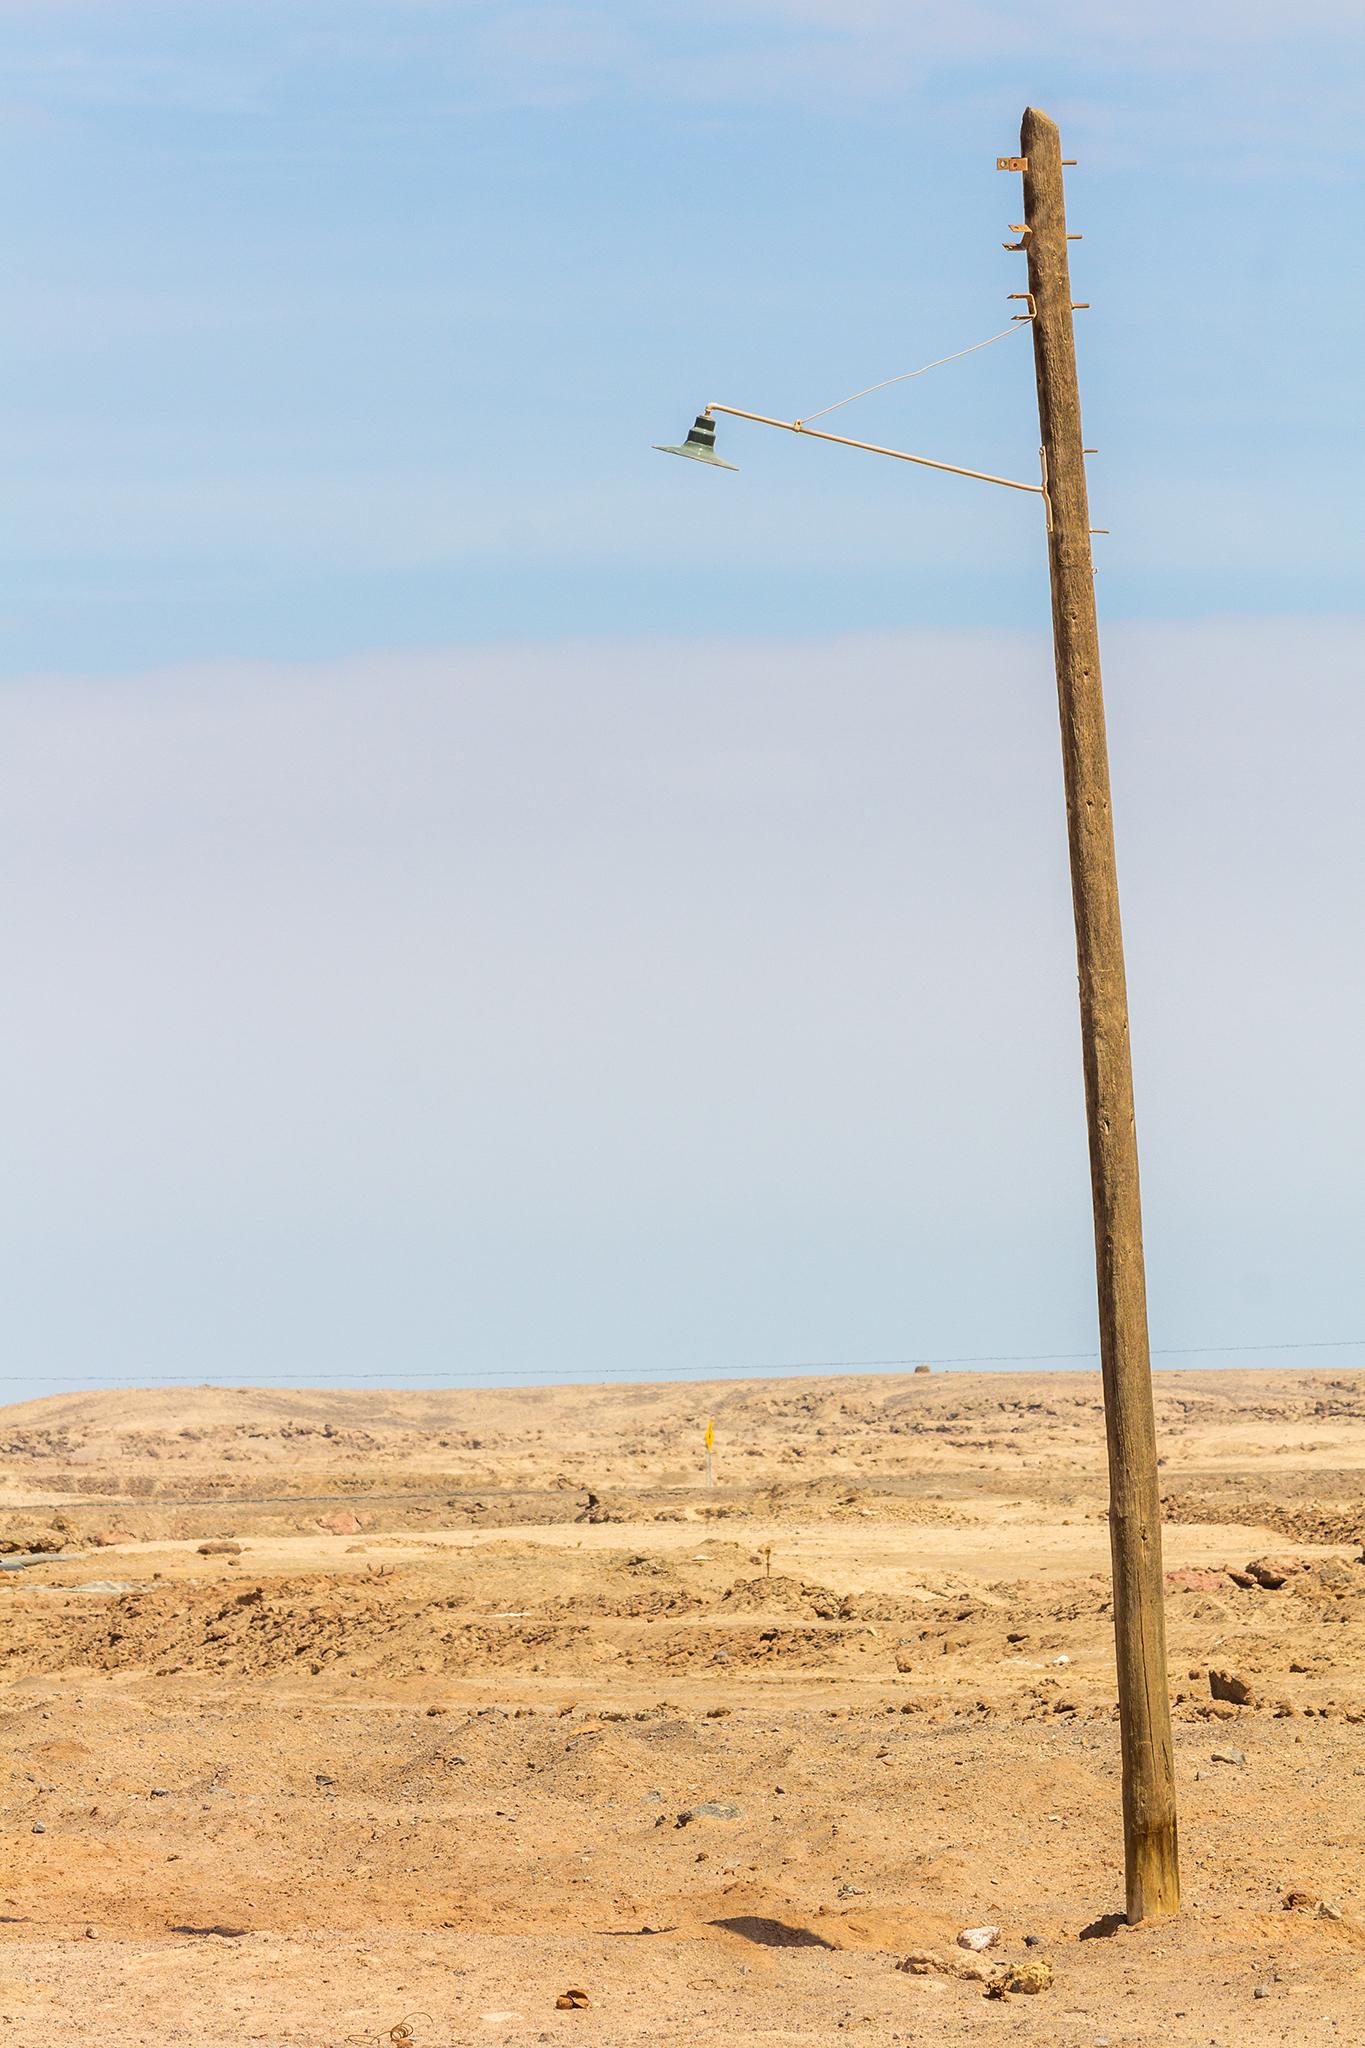 Wüstenlampe. Chile, 2015